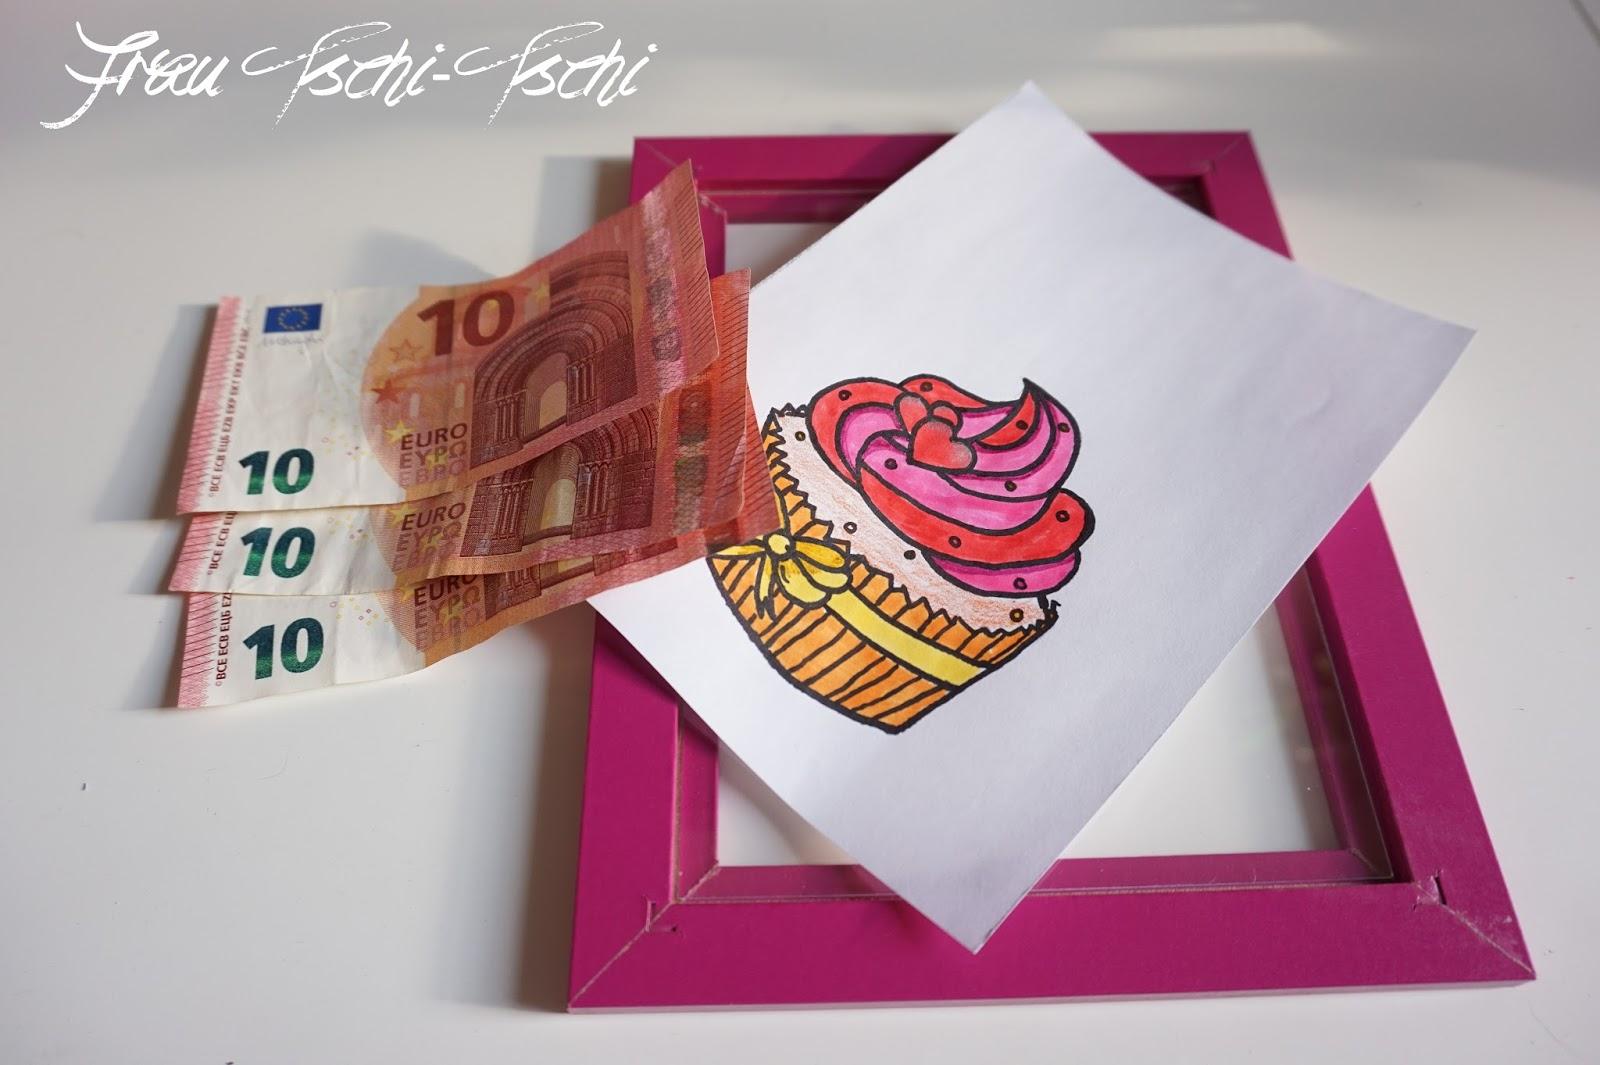 Frau Tschi Tschi Schnelles Geldgeschenk Im Bilderrahmen